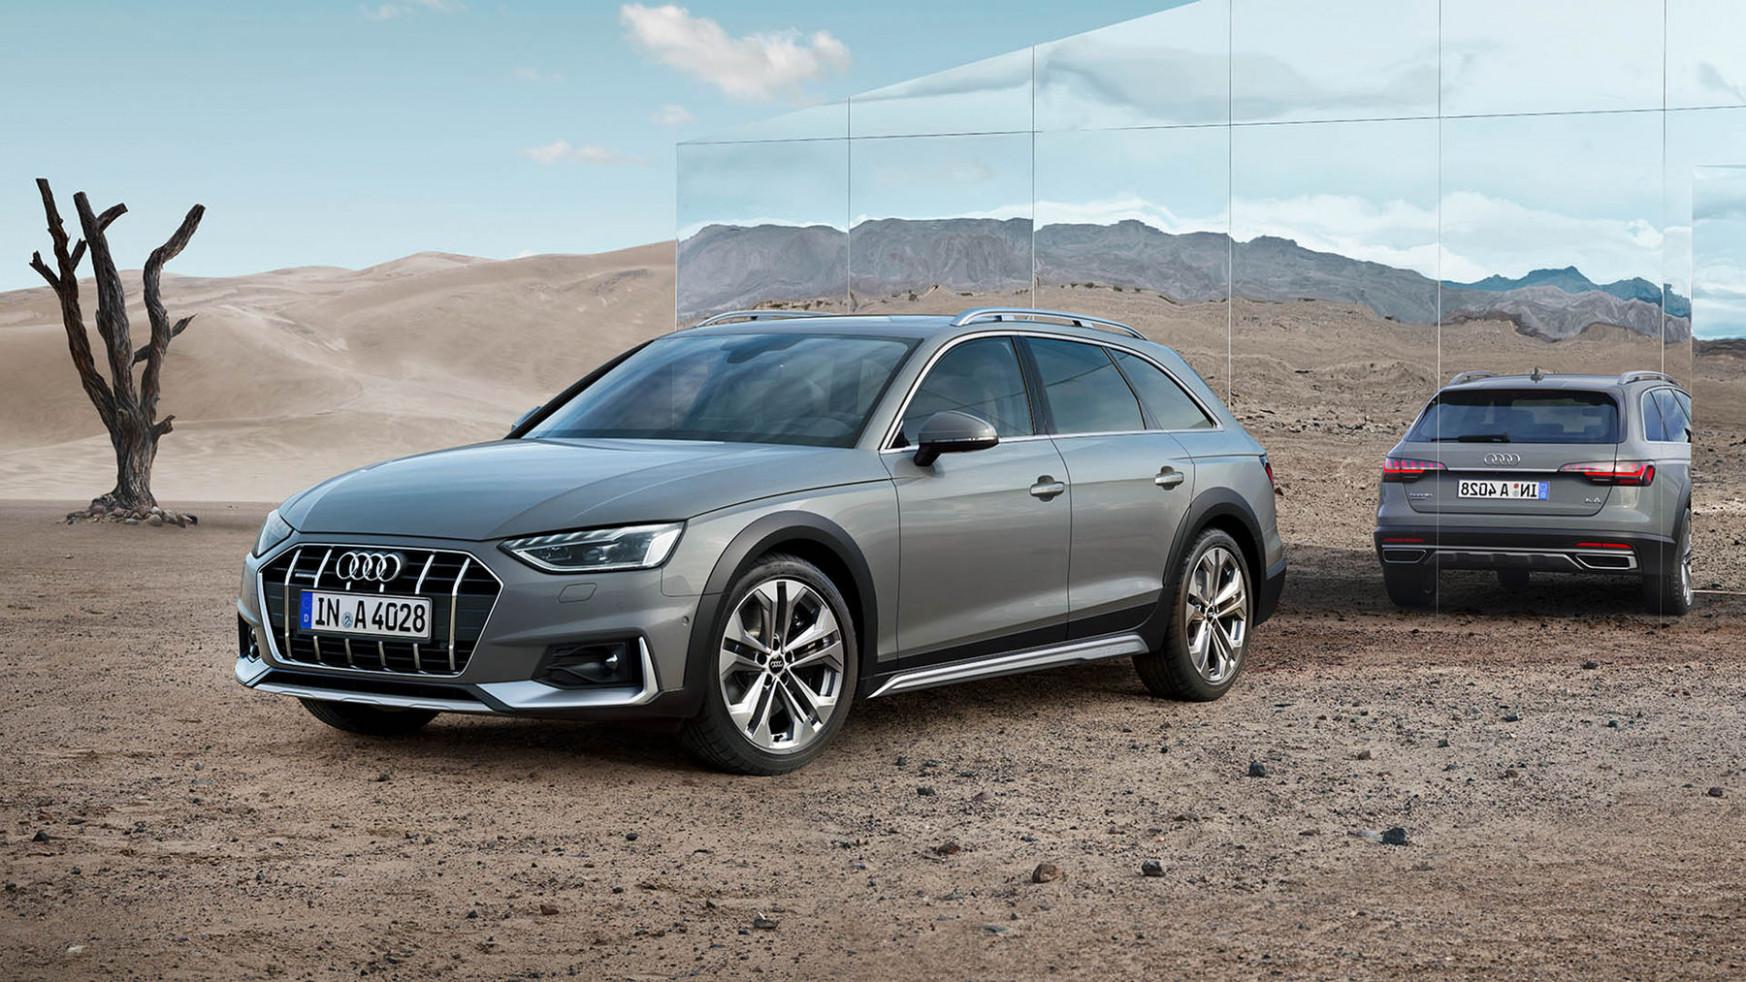 New Concept Audi A4 Allroad 2022